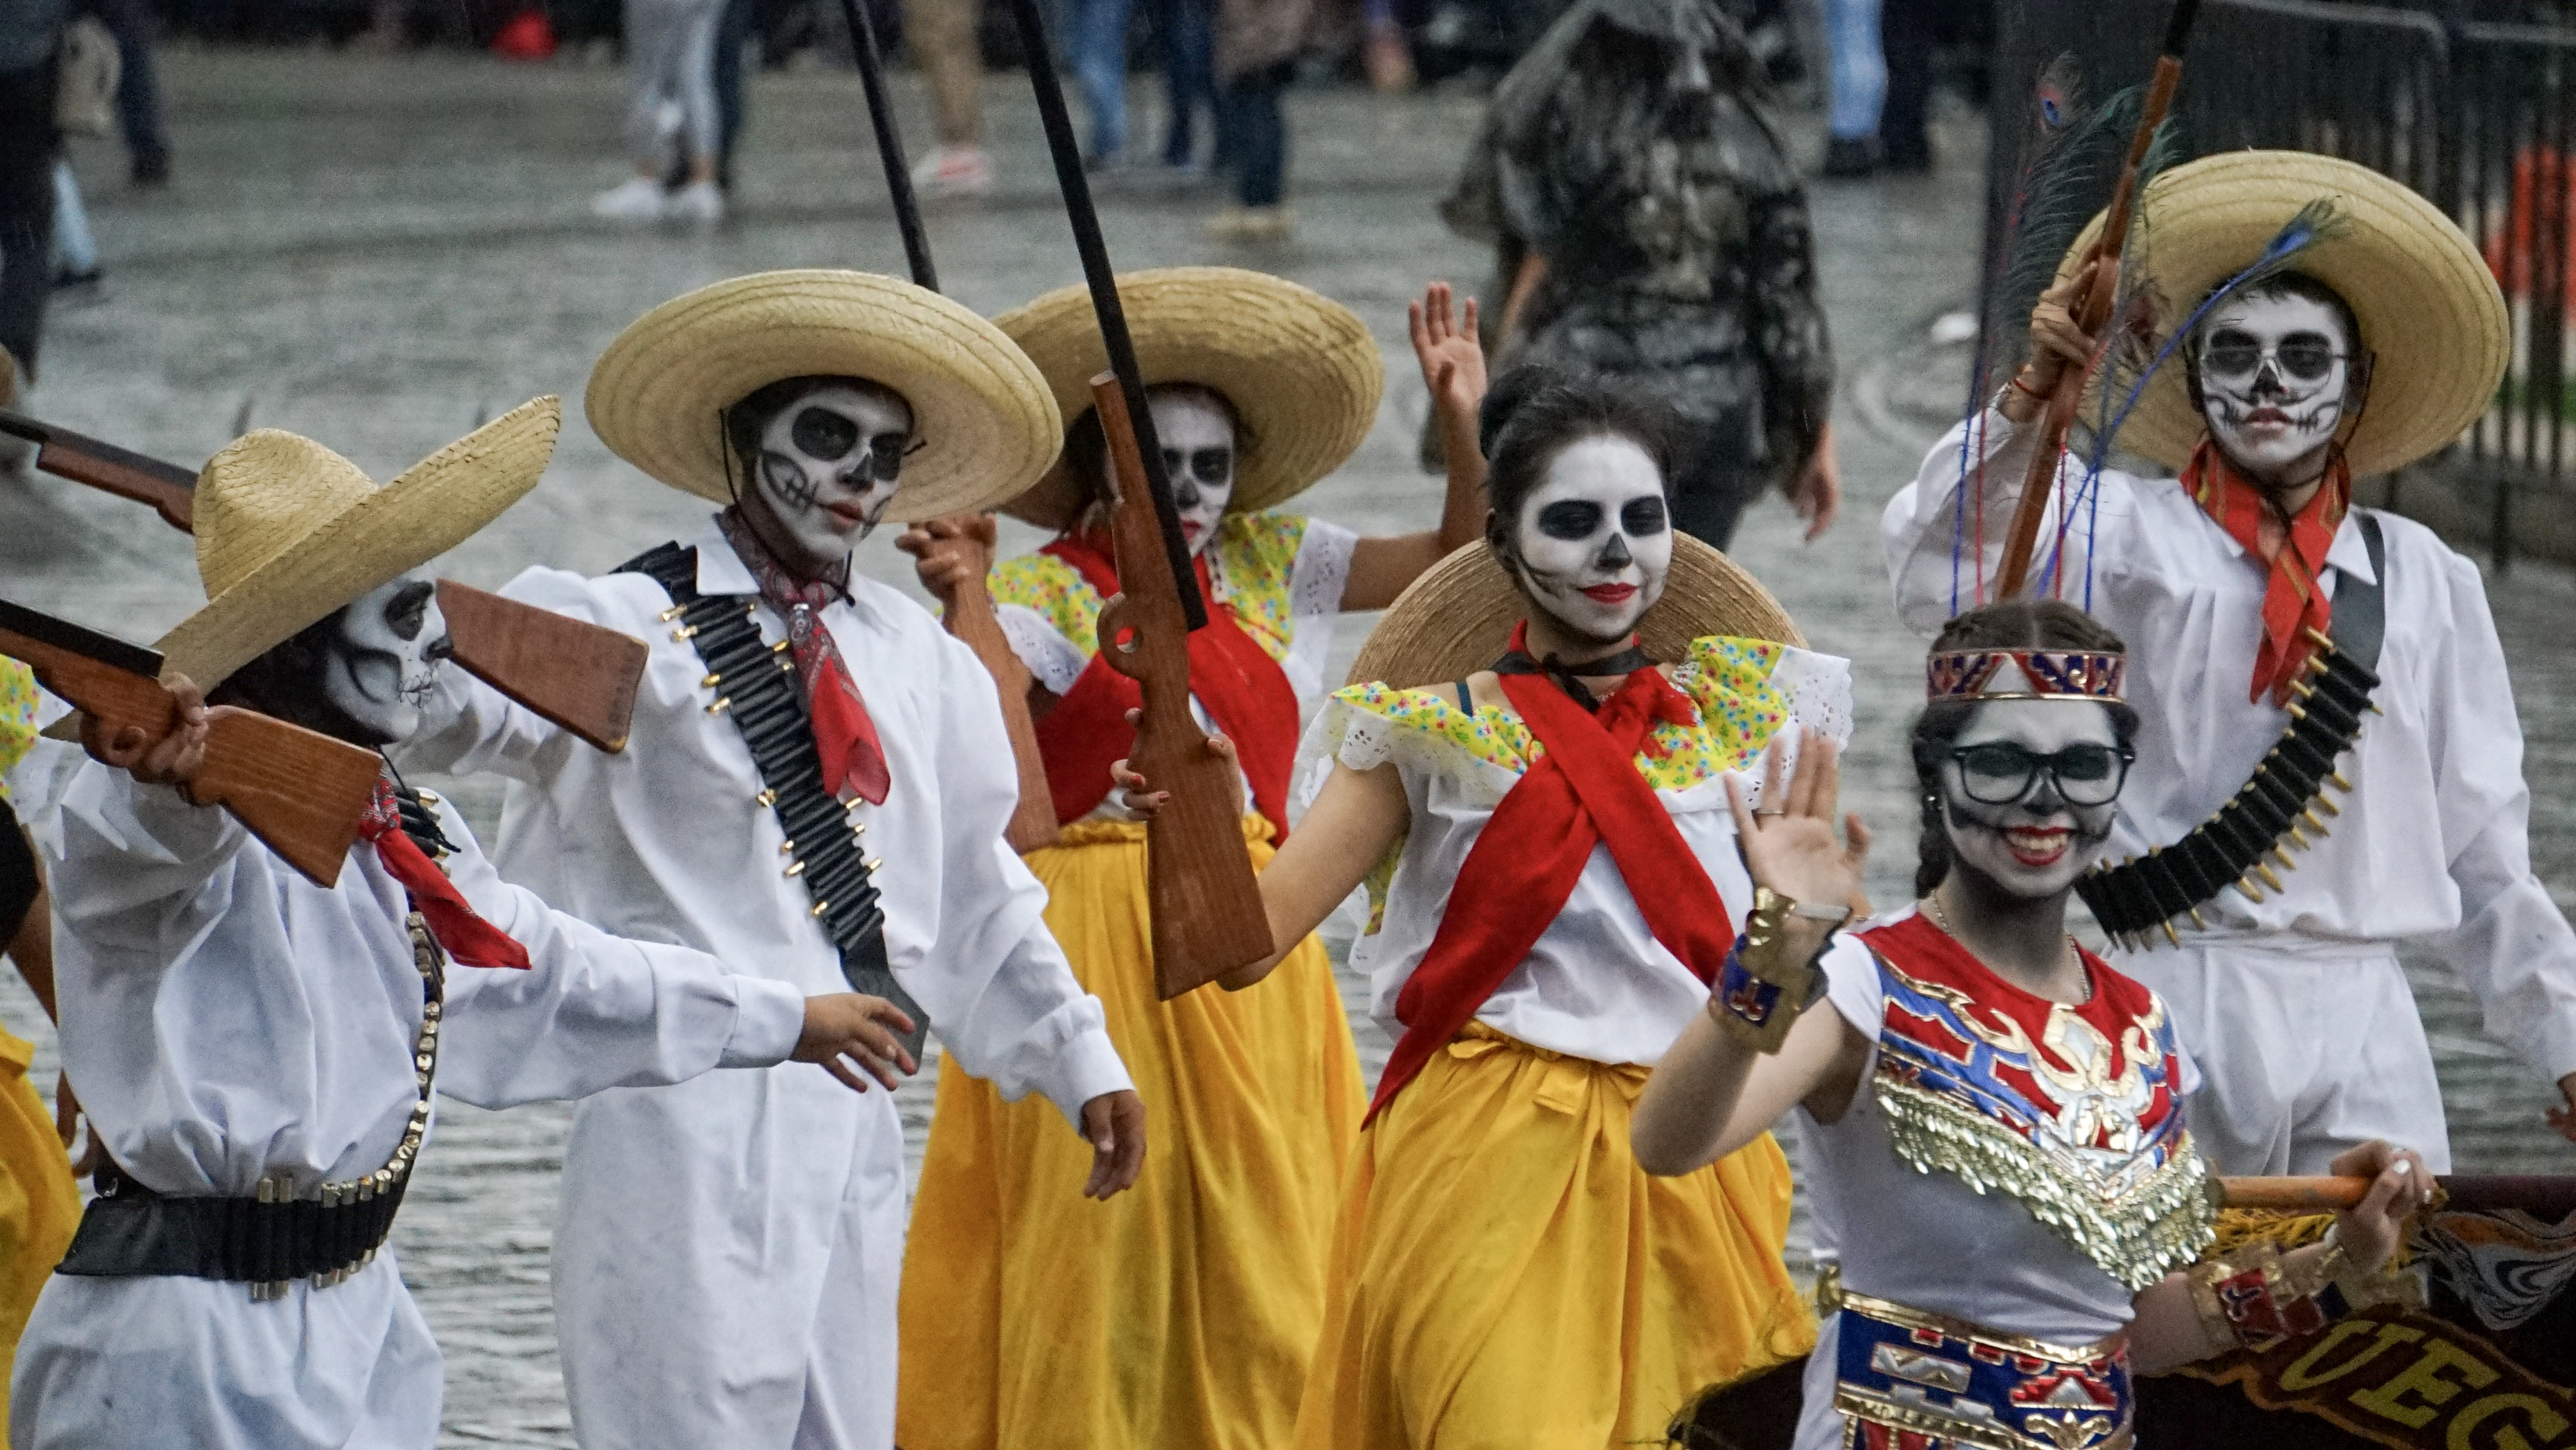 El color blanco predomina entre el desfile, seguido de amarillo, rojo, negro, entre otros colores